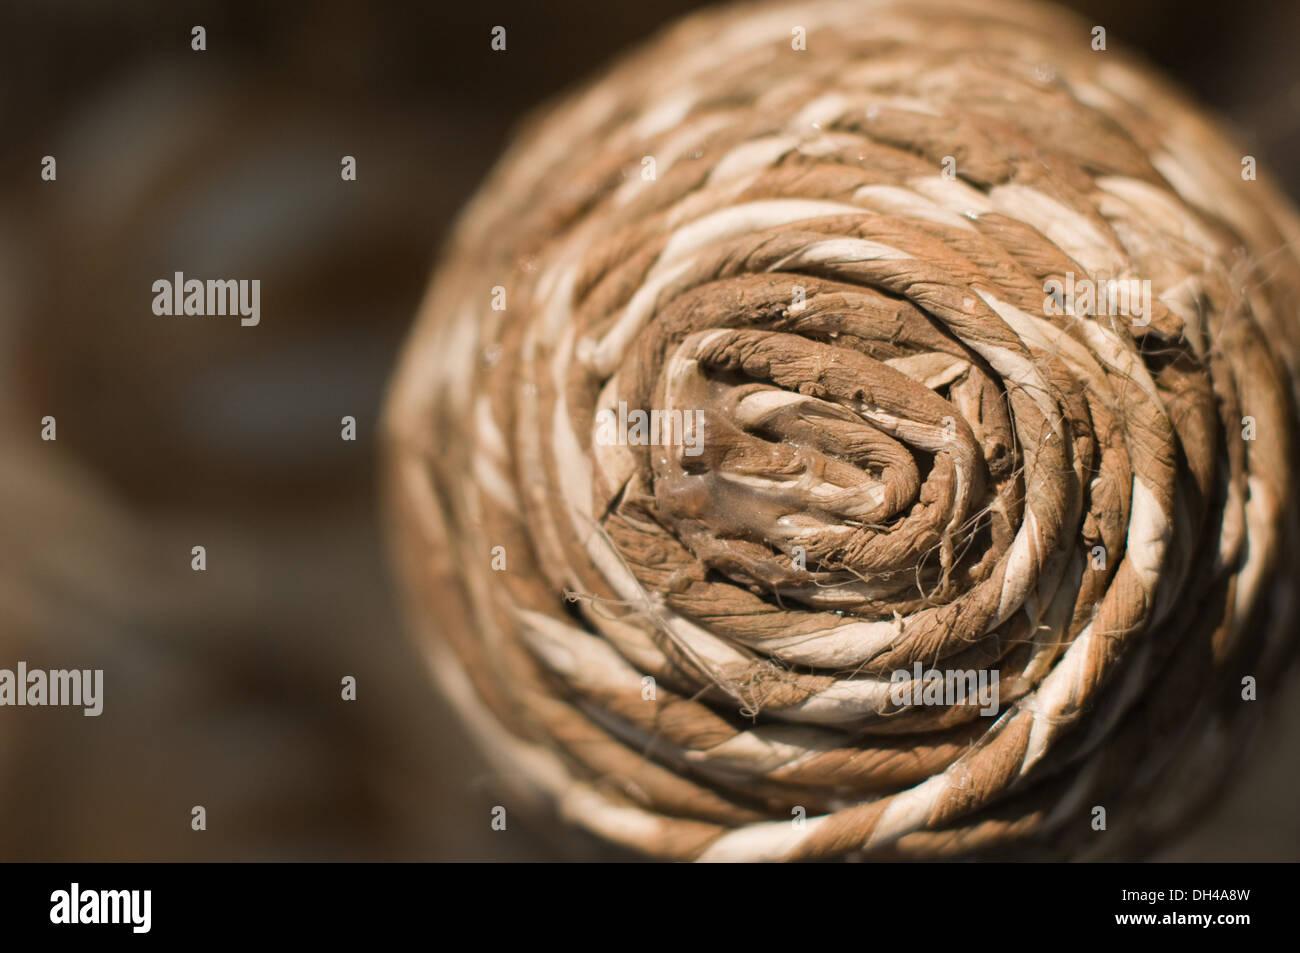 Corda intrecciata della stoffa avvolte creazione modello circolare Pune Maharashtra India Asia Gen 2012 Immagini Stock